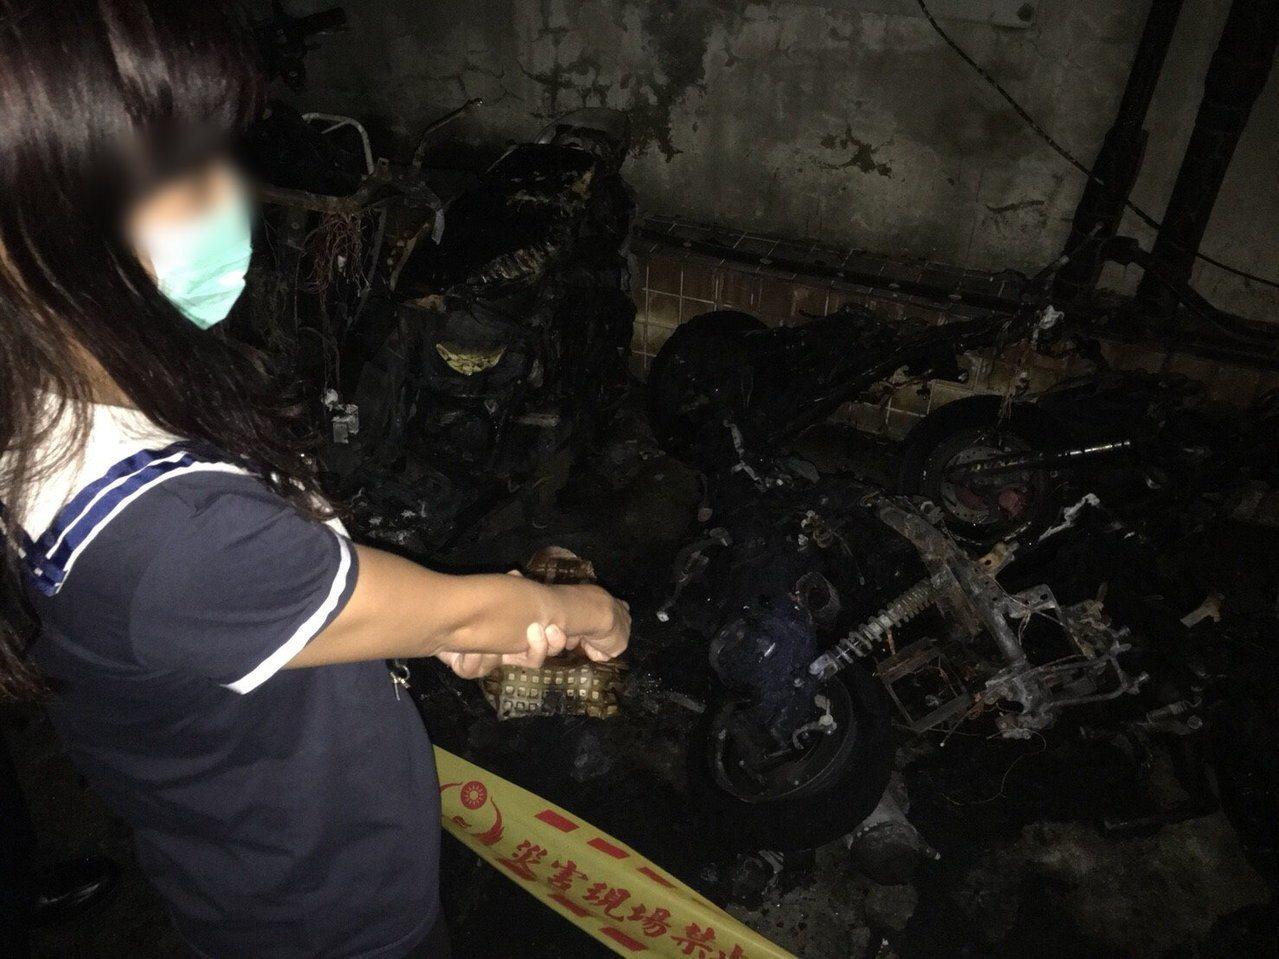 女子黃瓊慧和女兒借錢不成,心情不好縱火燒毀機車。本報資料照片,記者陳雕文/翻攝